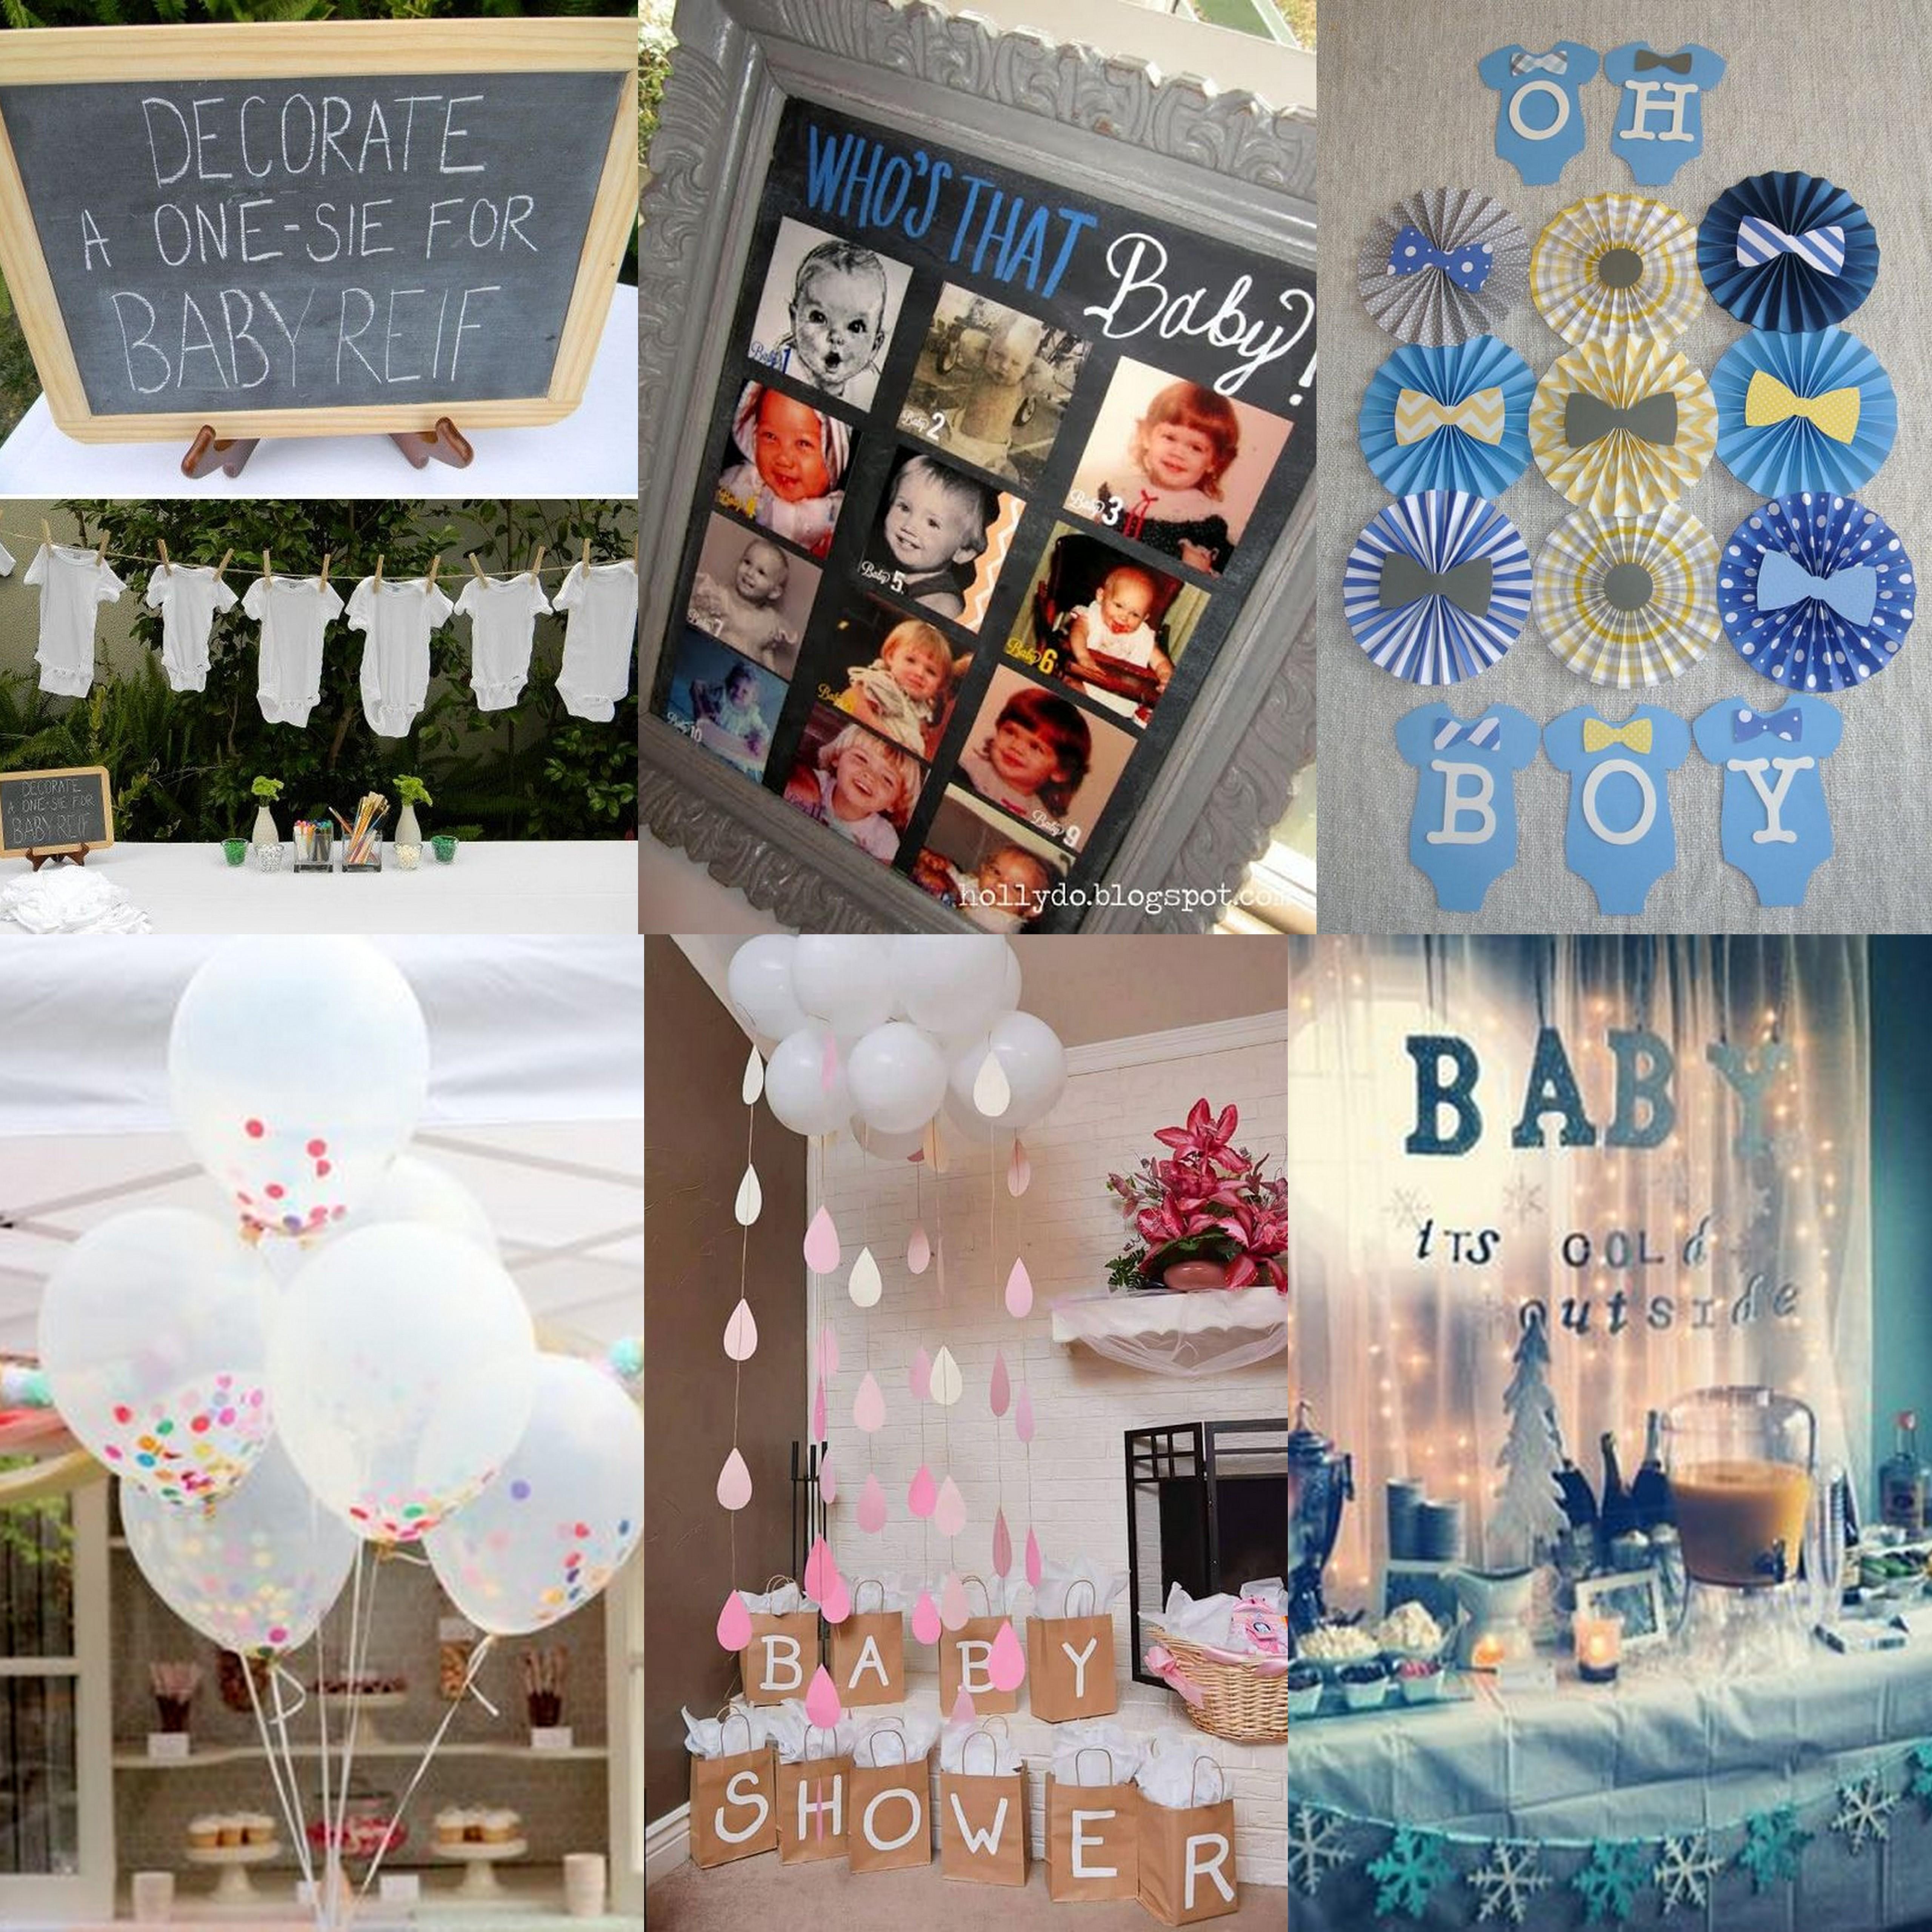 dekoracje_na_baby_shower